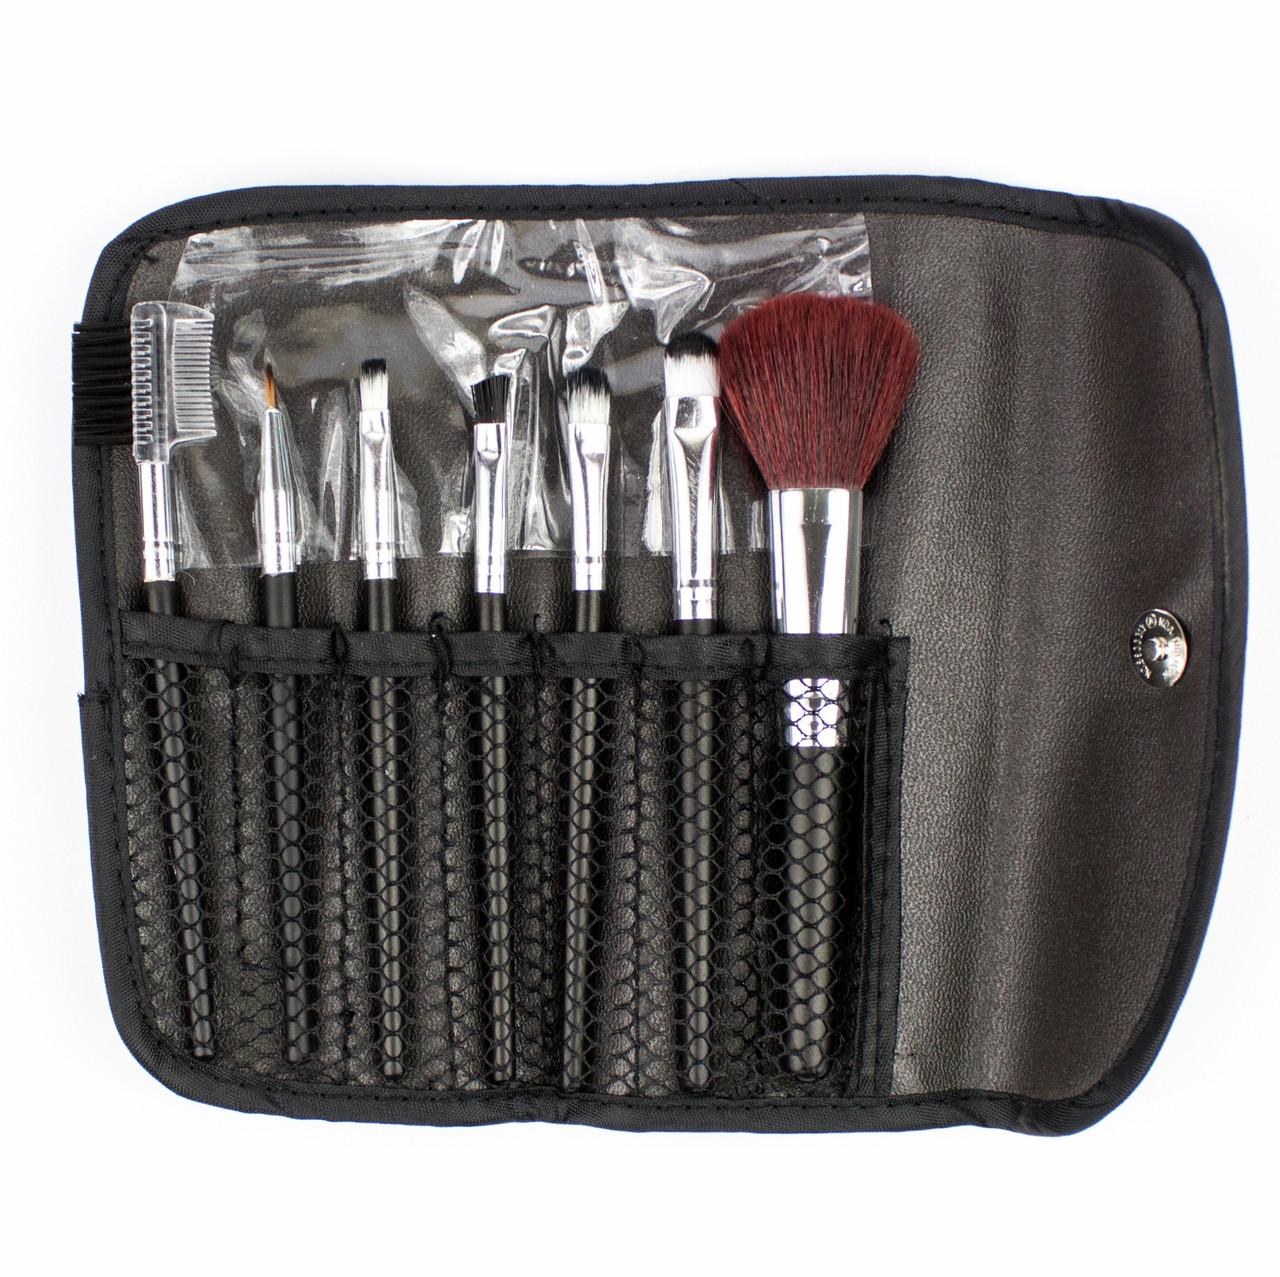 Набор из 7 кистей для макияжа в черном чехле Beauties Factory Makeup Brushes - Black Holder